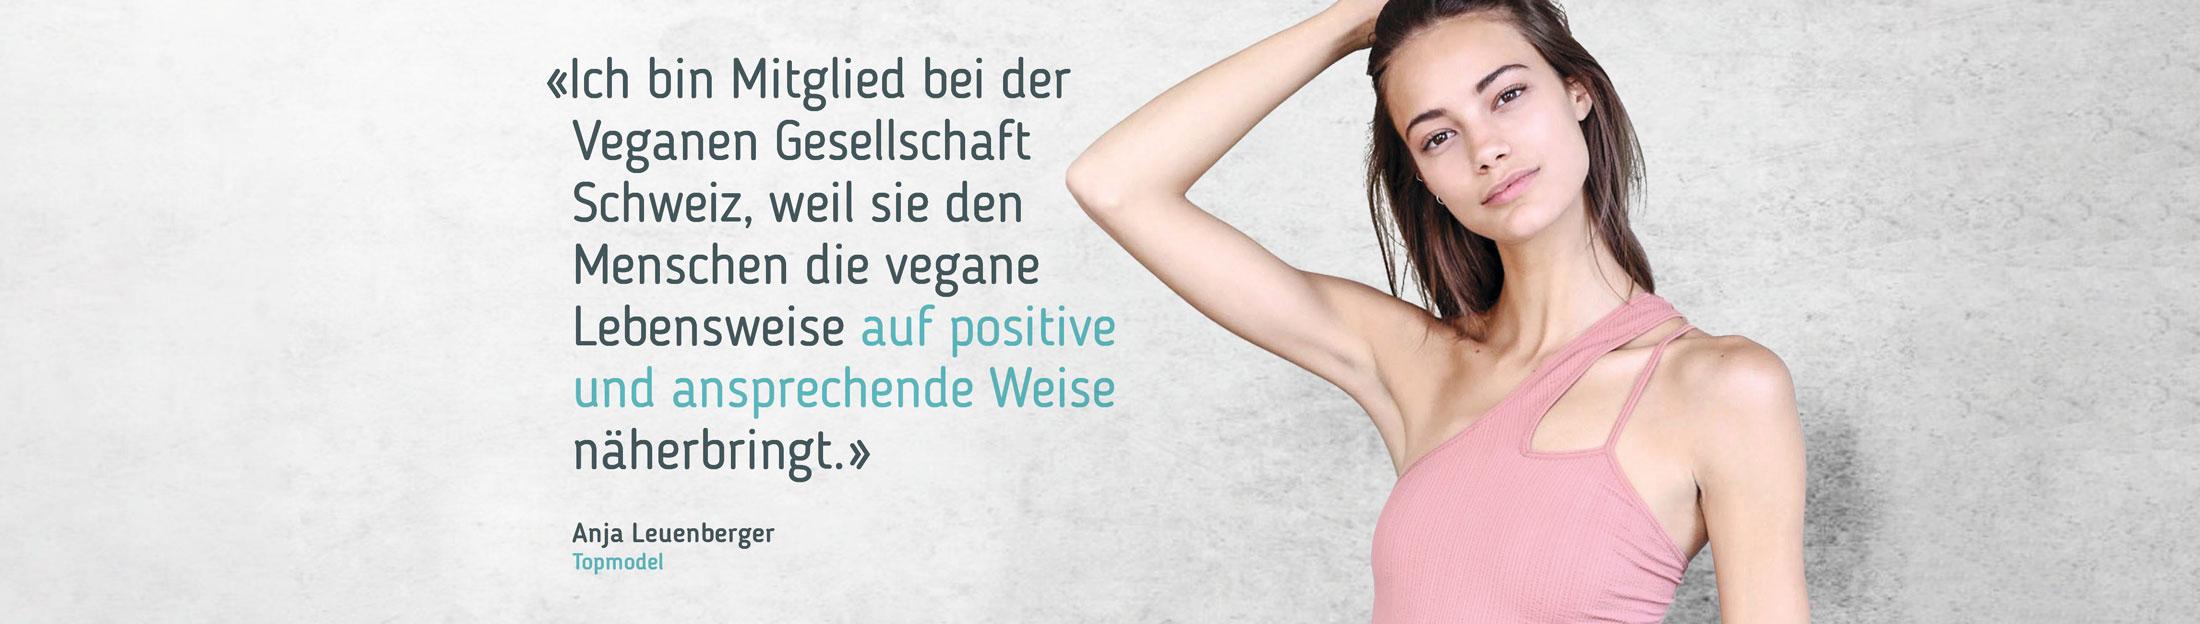 testimonial_anja_leuenberger_2200x624px_website_banner.